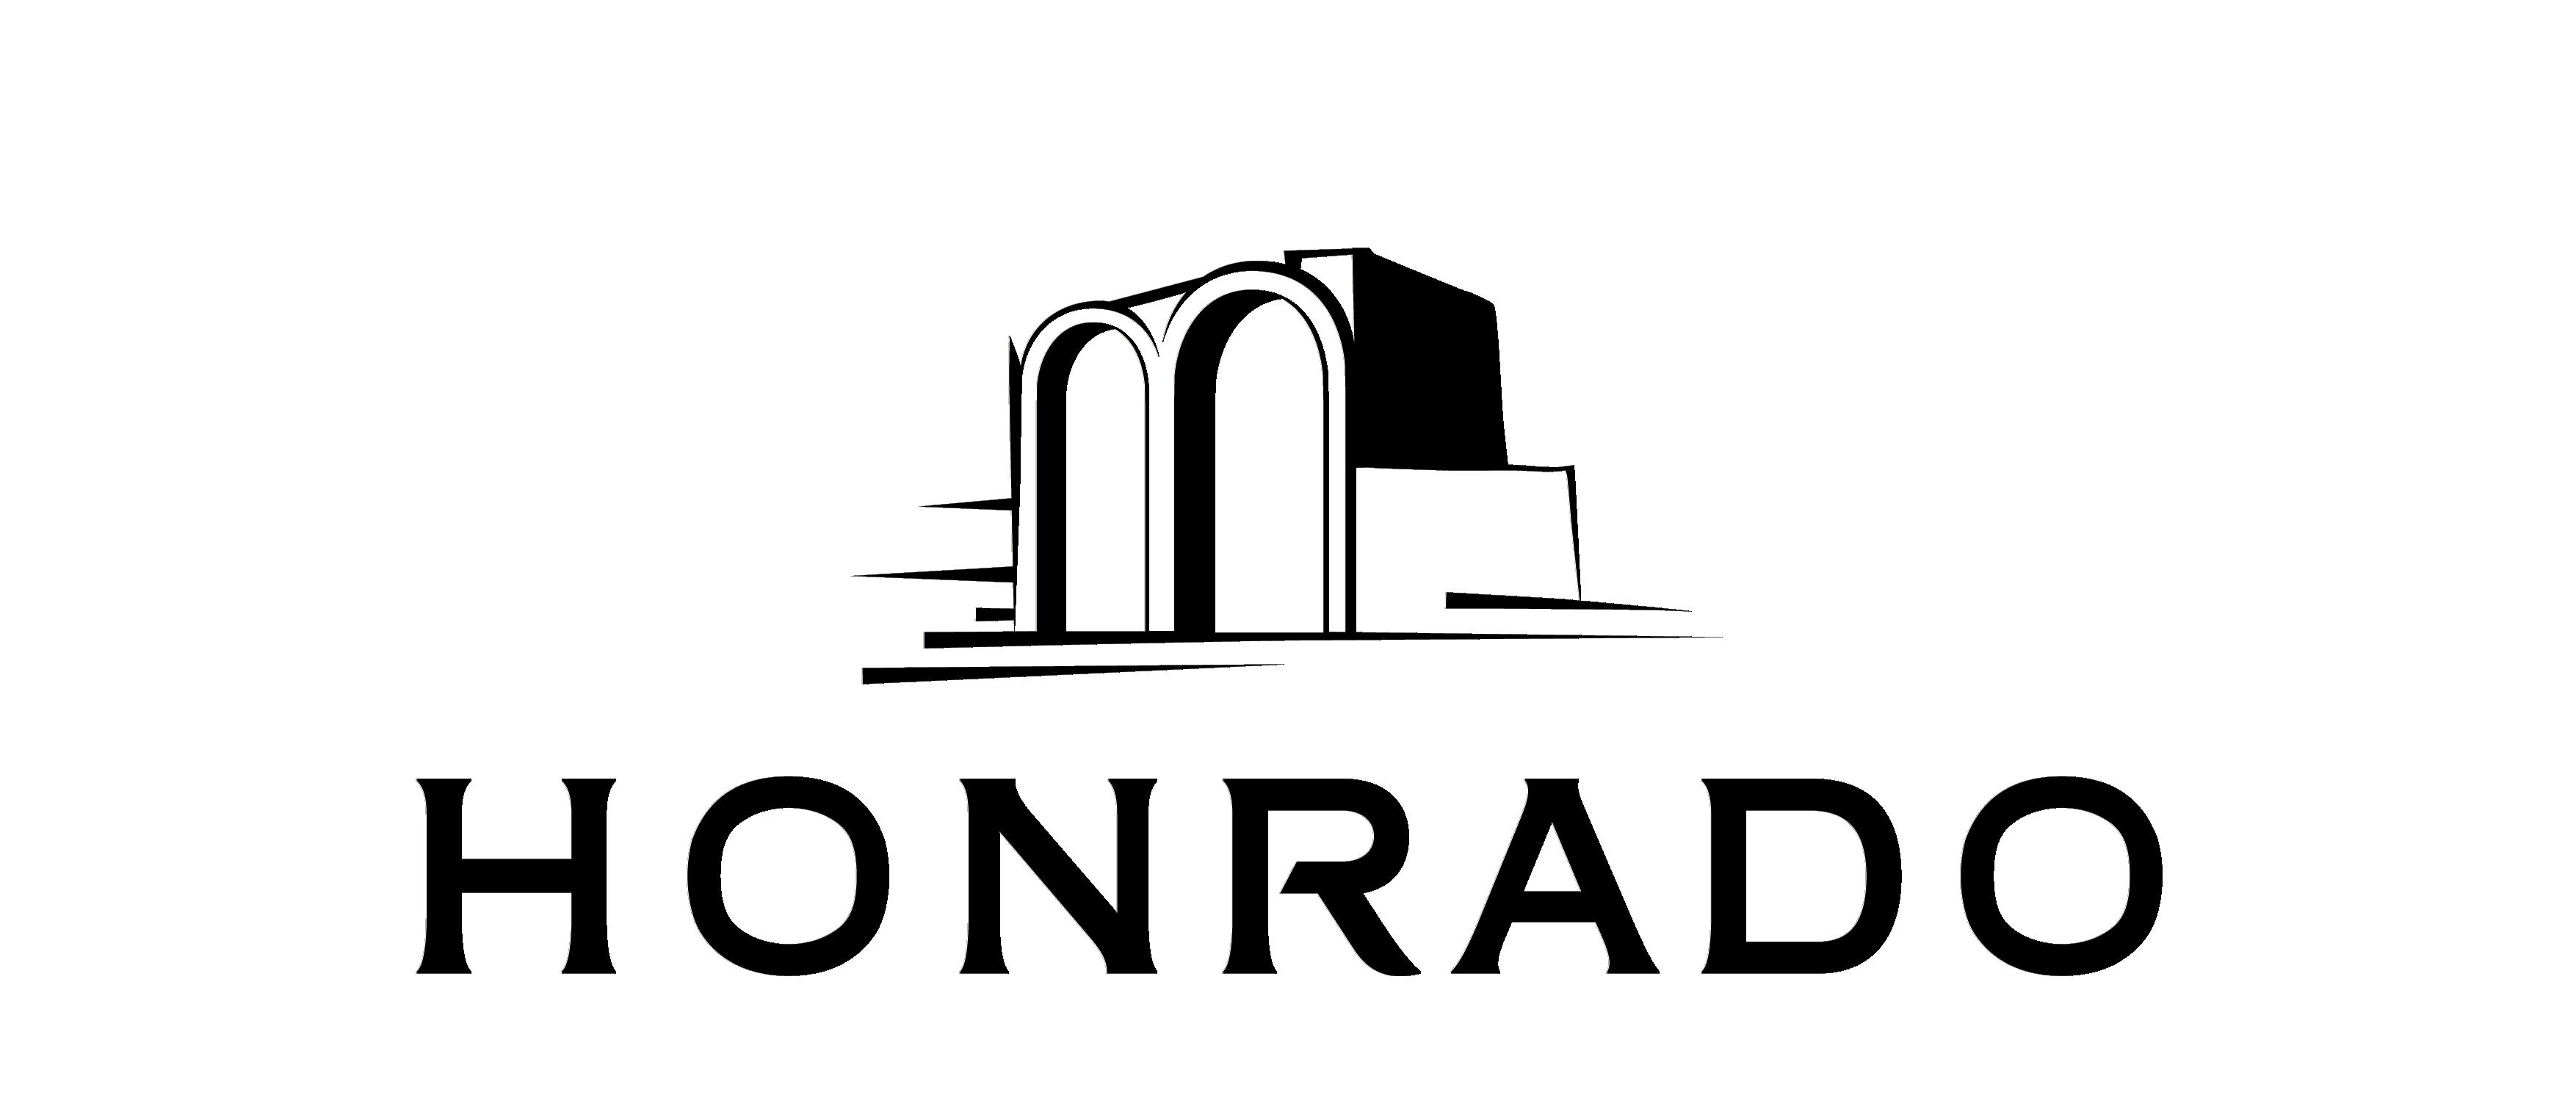 Logotipo Honrado Preto